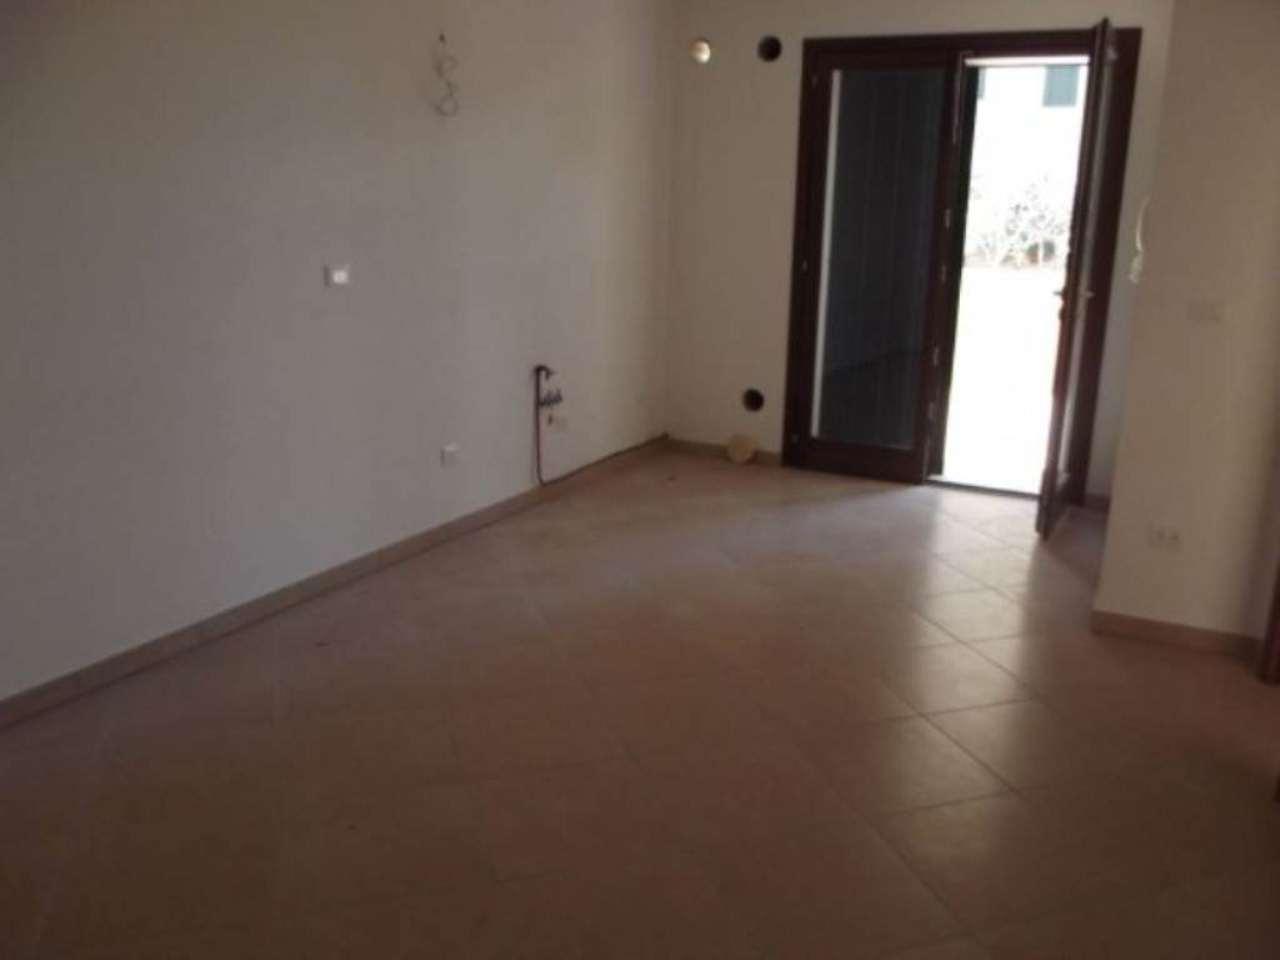 Appartamento in vendita a Tortoreto, 3 locali, prezzo € 123.000 | Cambio Casa.it